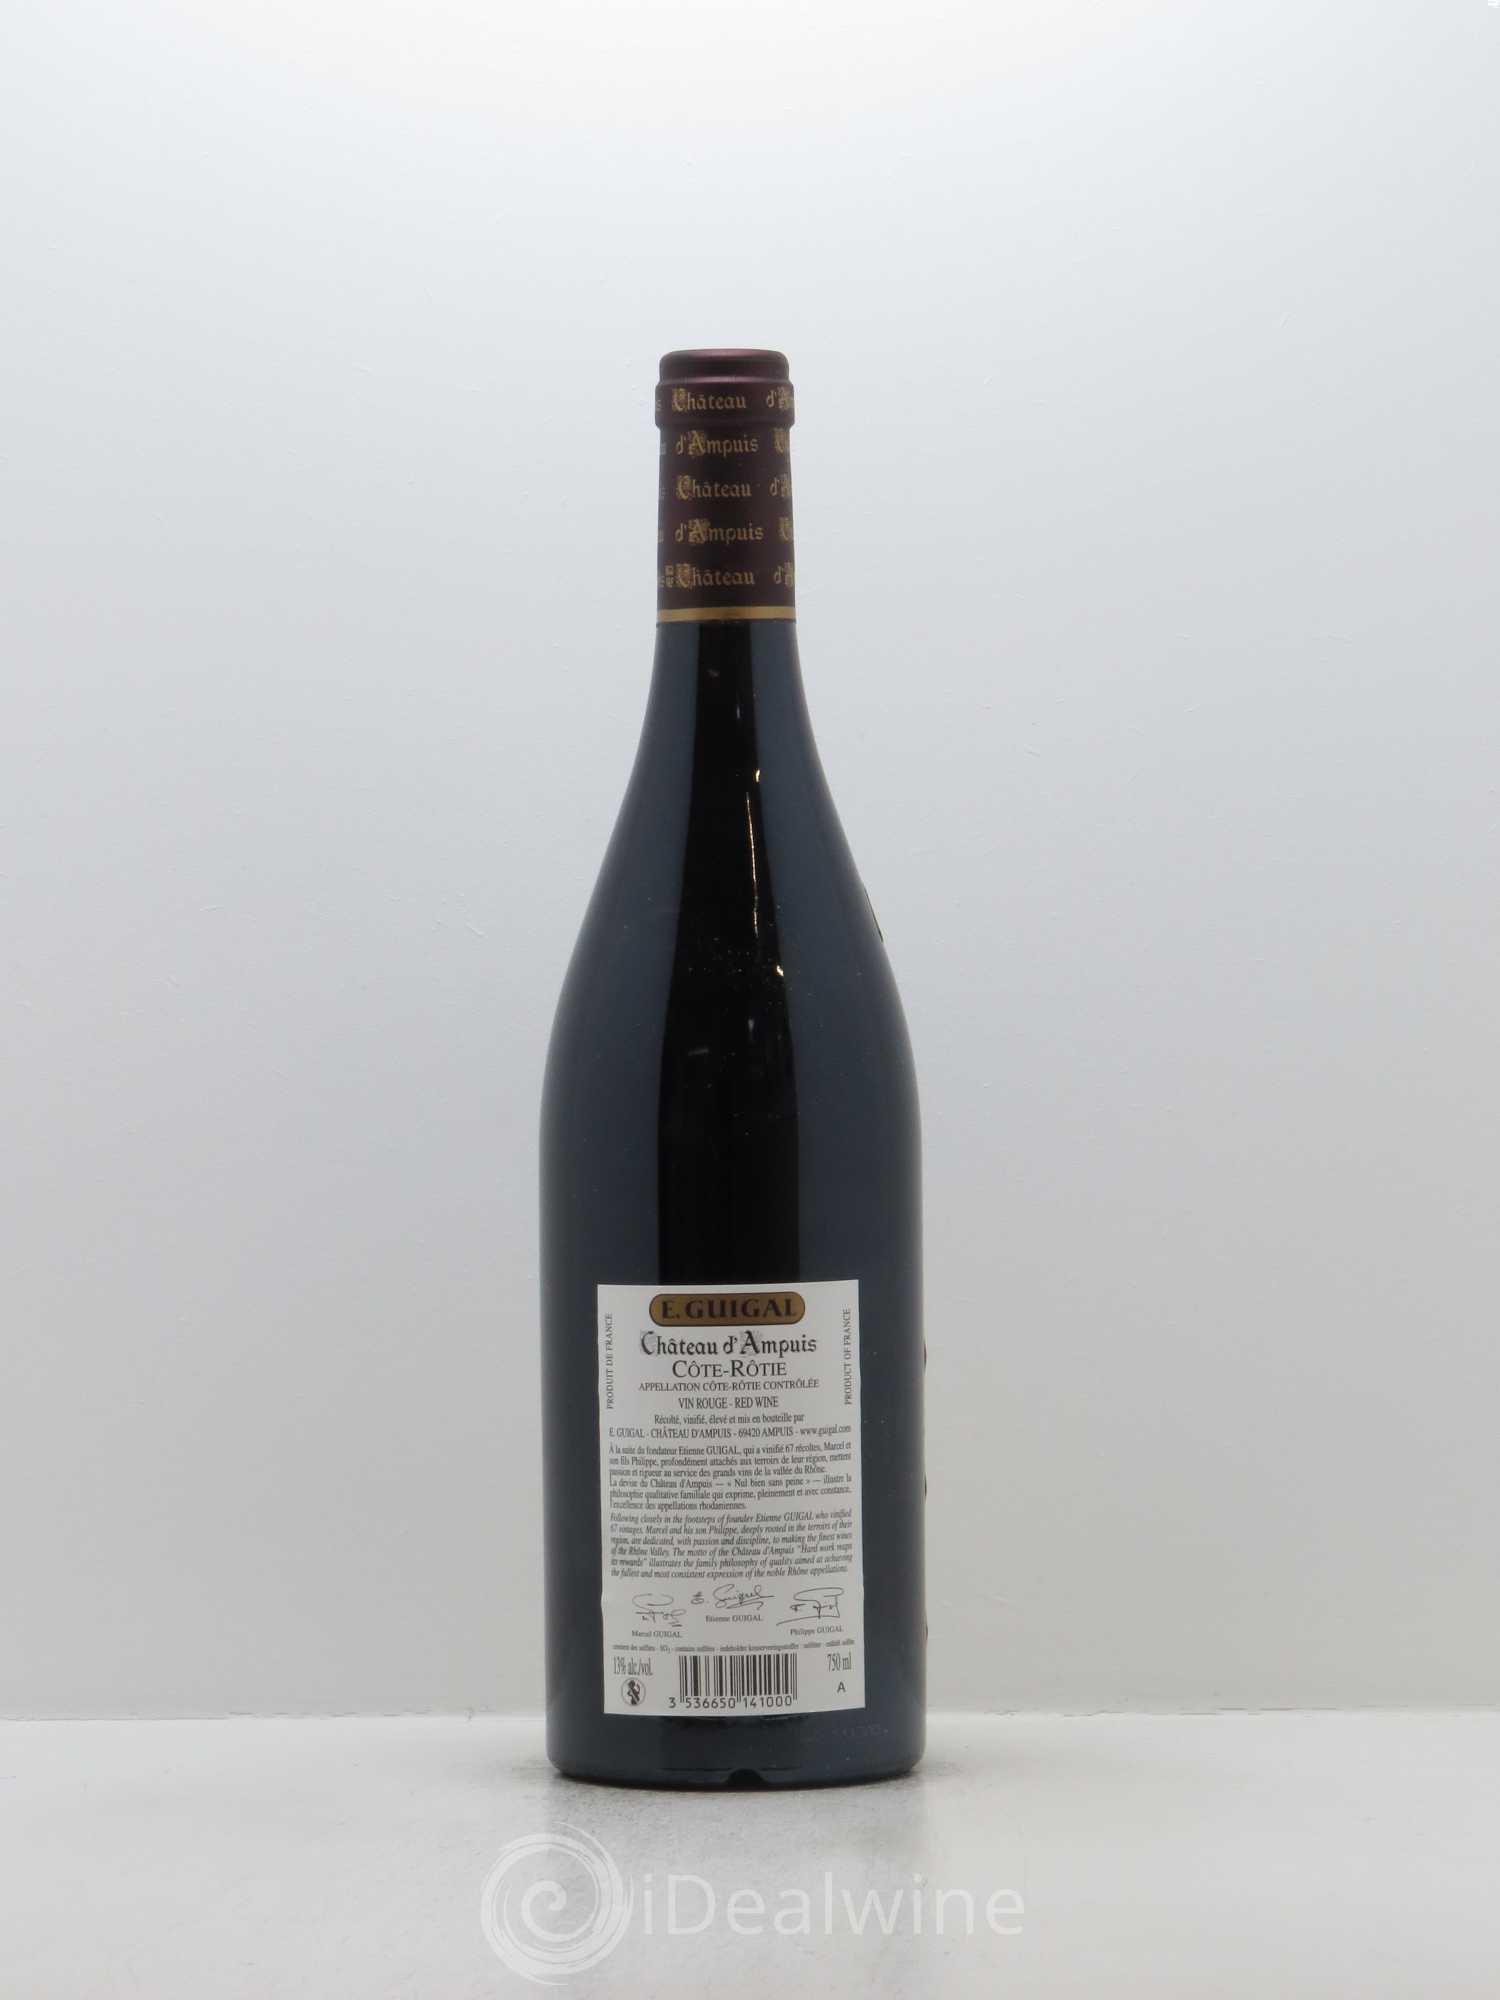 Acheter c te r tie ch teau d 39 ampuis guigal 2008 lot 5473 - Salon des vins ampuis ...